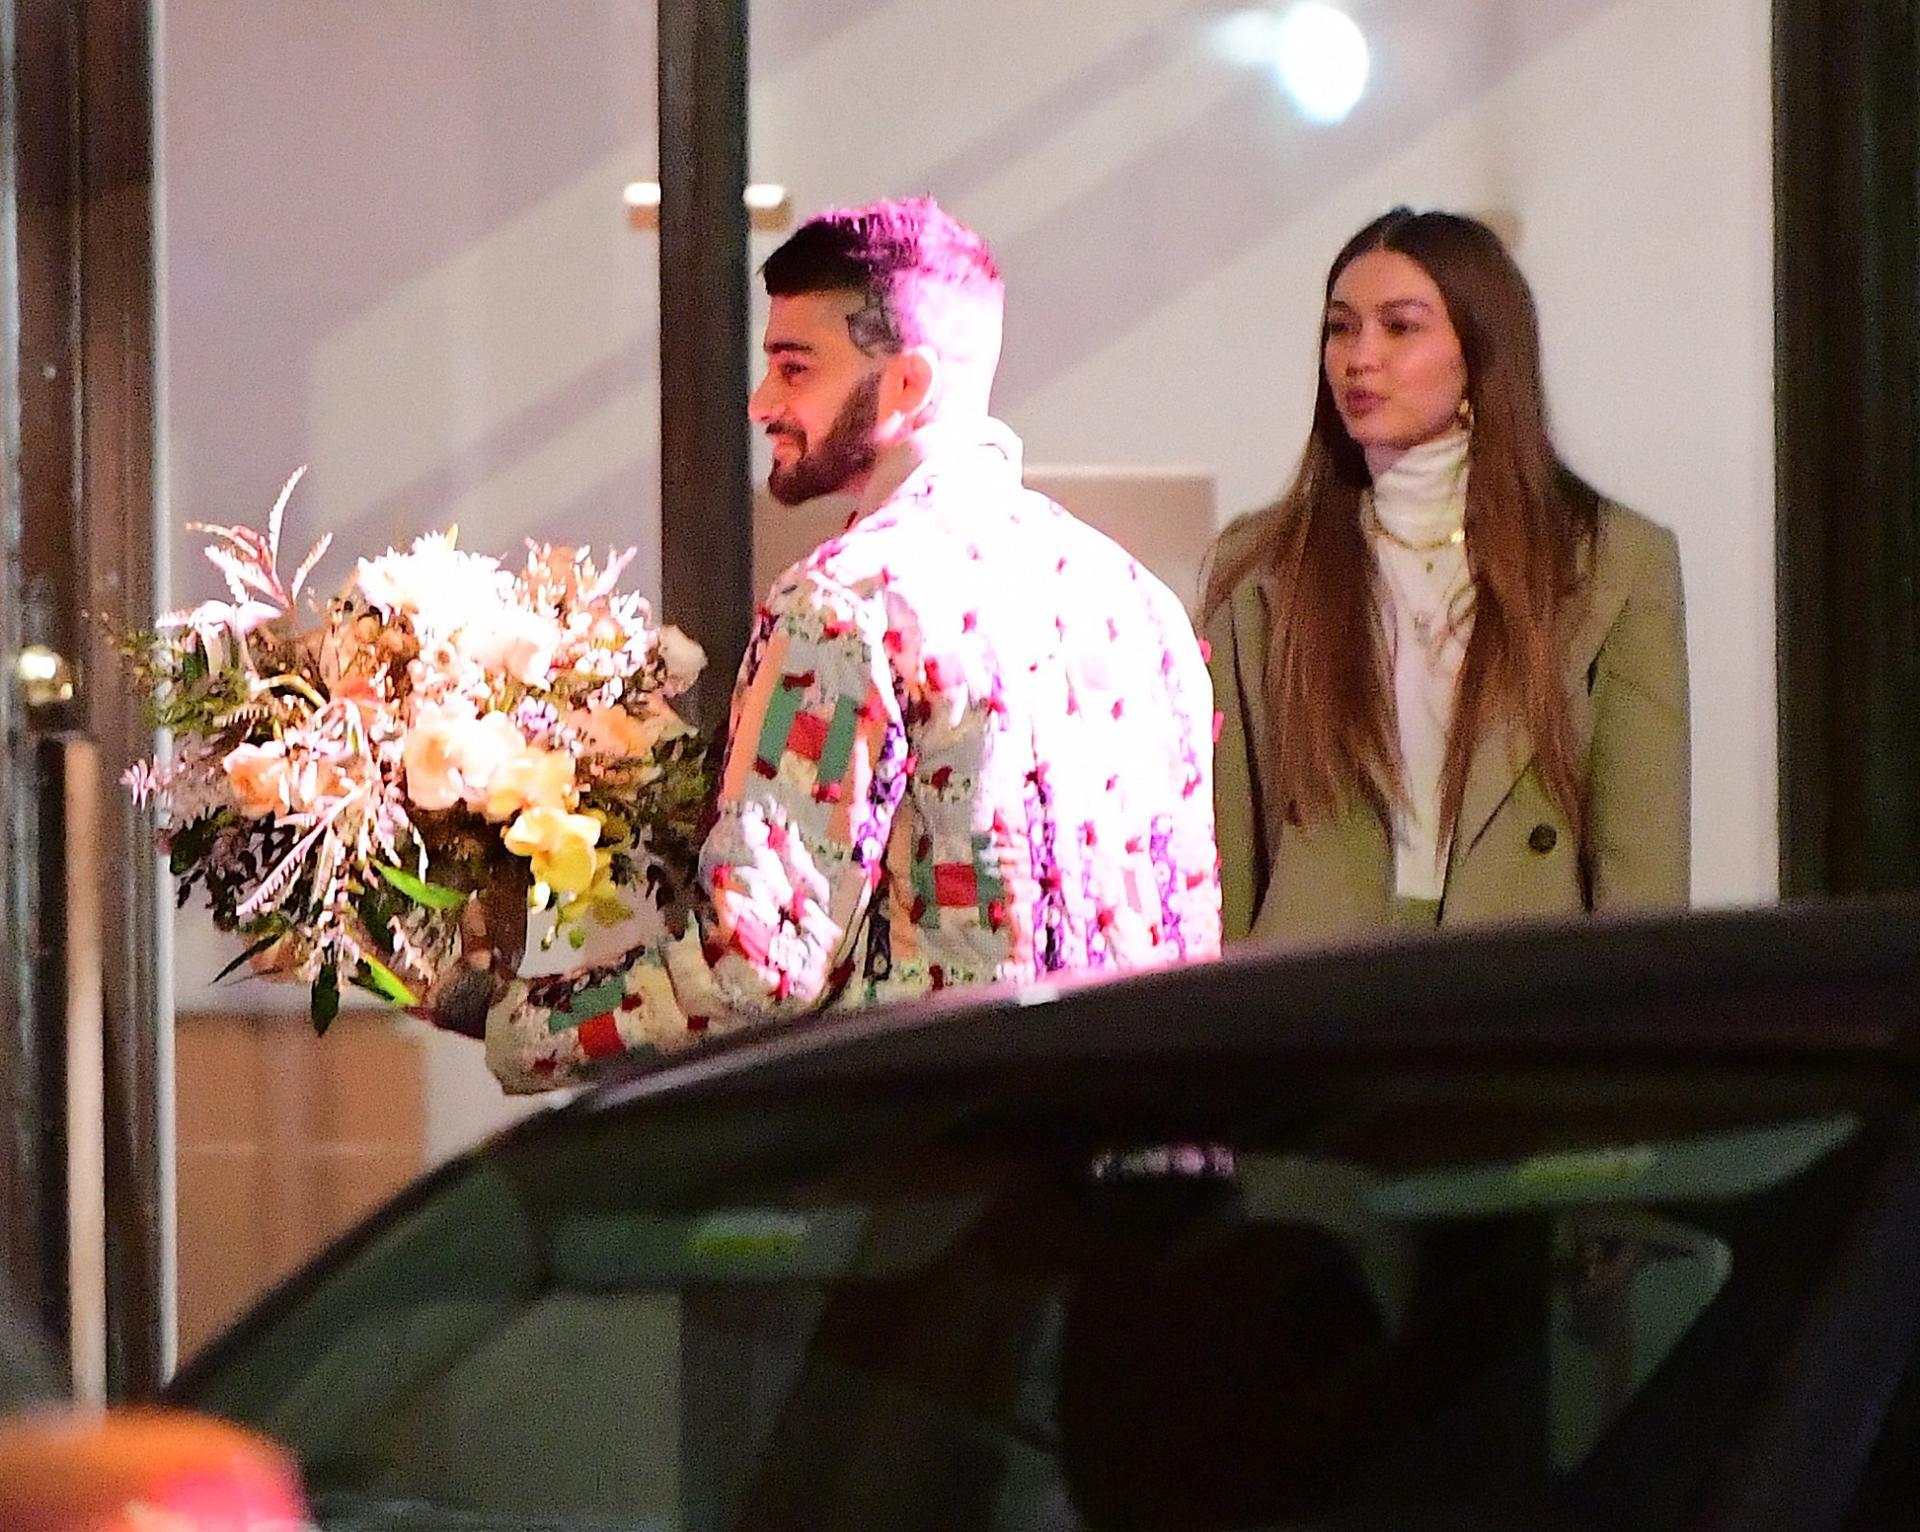 Zayn Malik i Gigi Hadid: Jak się poznali? Kiedy zrywali? [HISTORIA ZWIĄZKU] - ESKA.pl